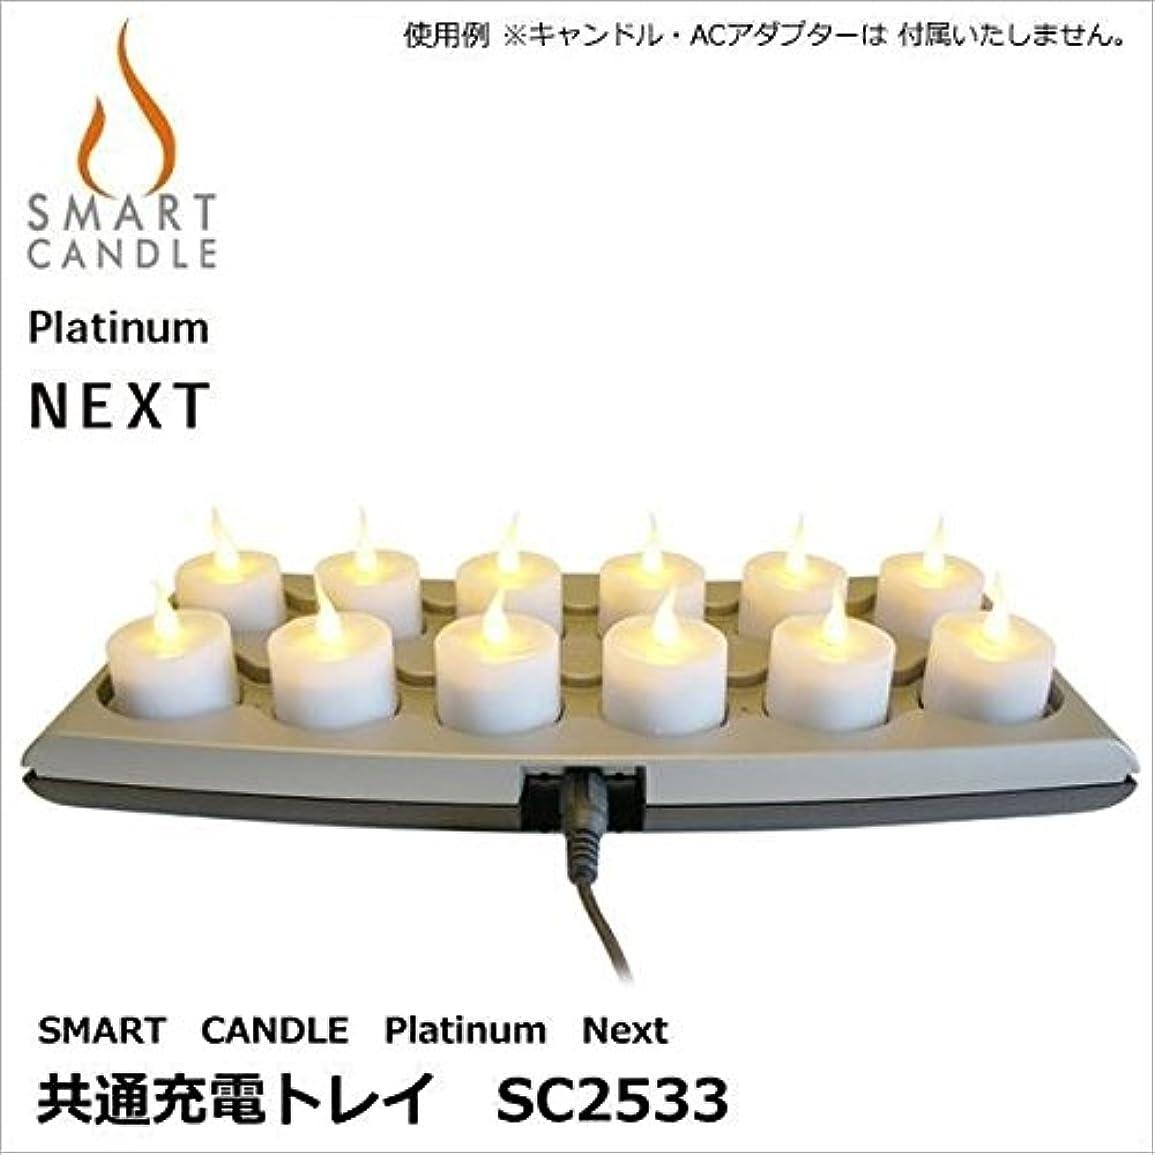 劣るアイザック白菜ELUX(エルックス) SMART CANDLE(スマートキャンドル) Platinum Next 共通充電トレイ SC2533